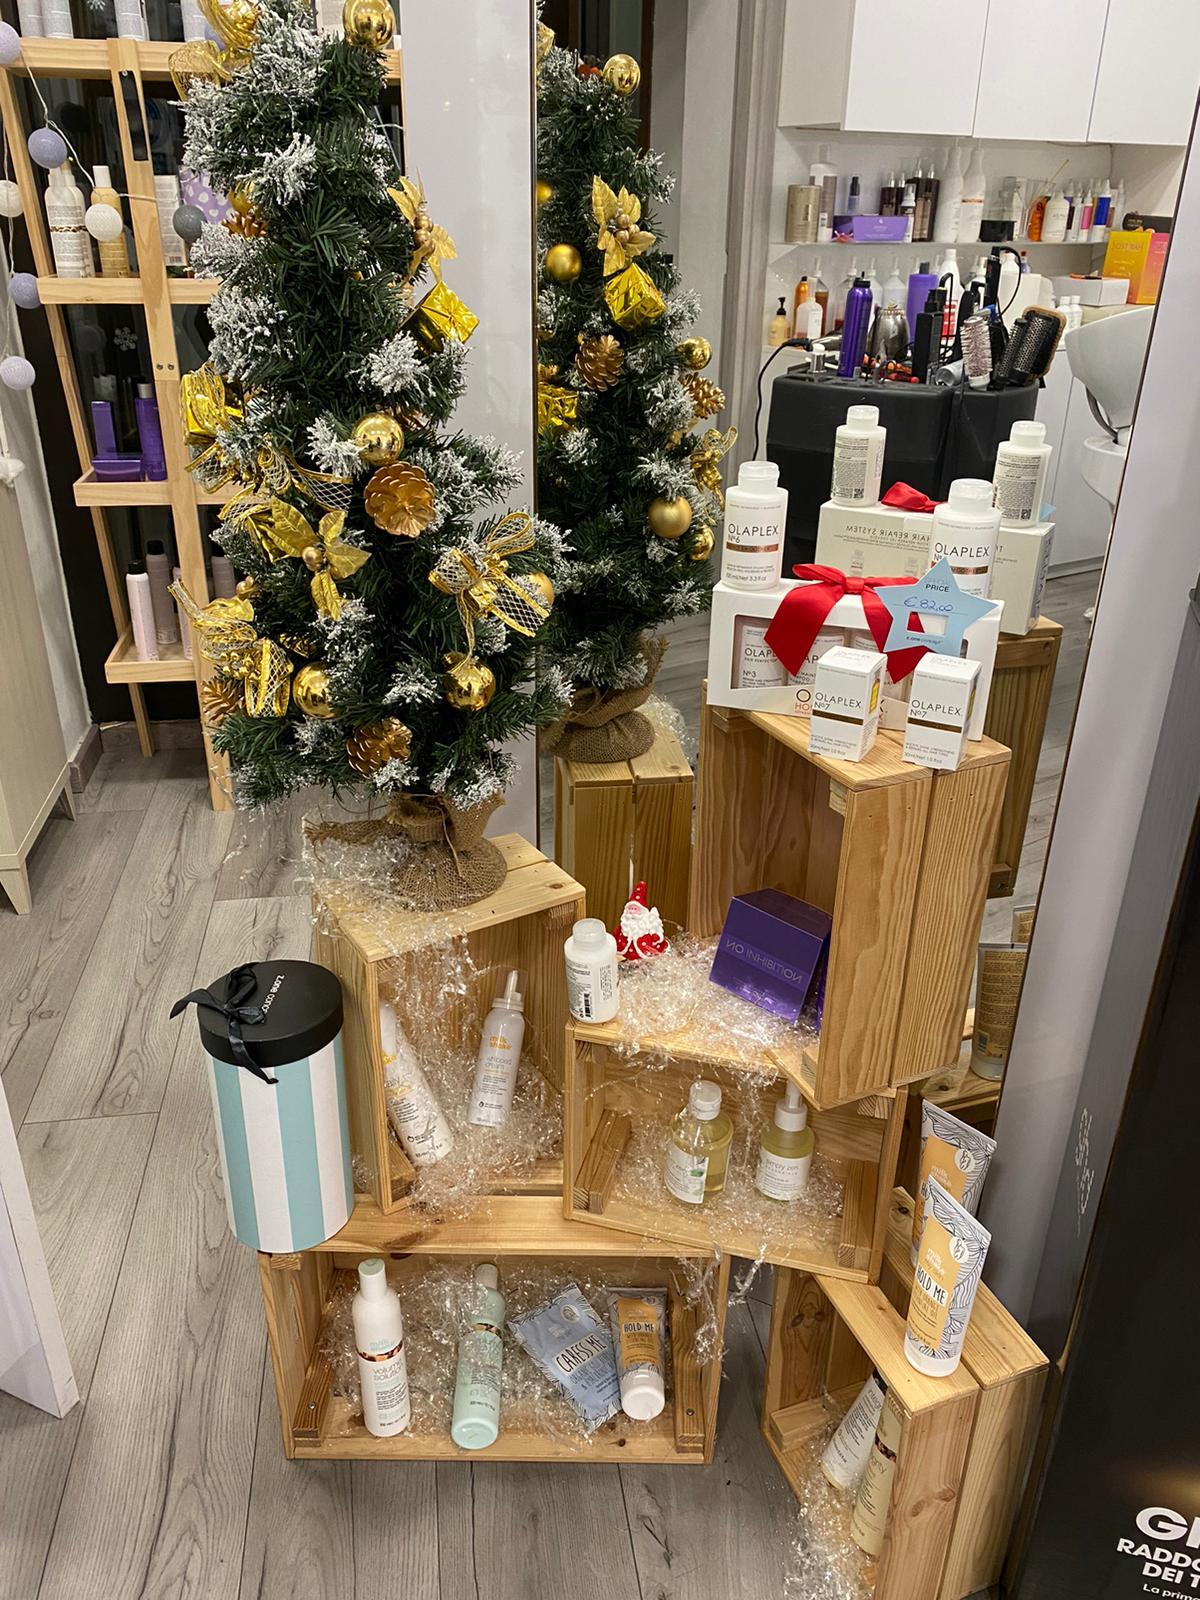 Le proposte FACELOOK – Cofanetti e regali perfetti!!